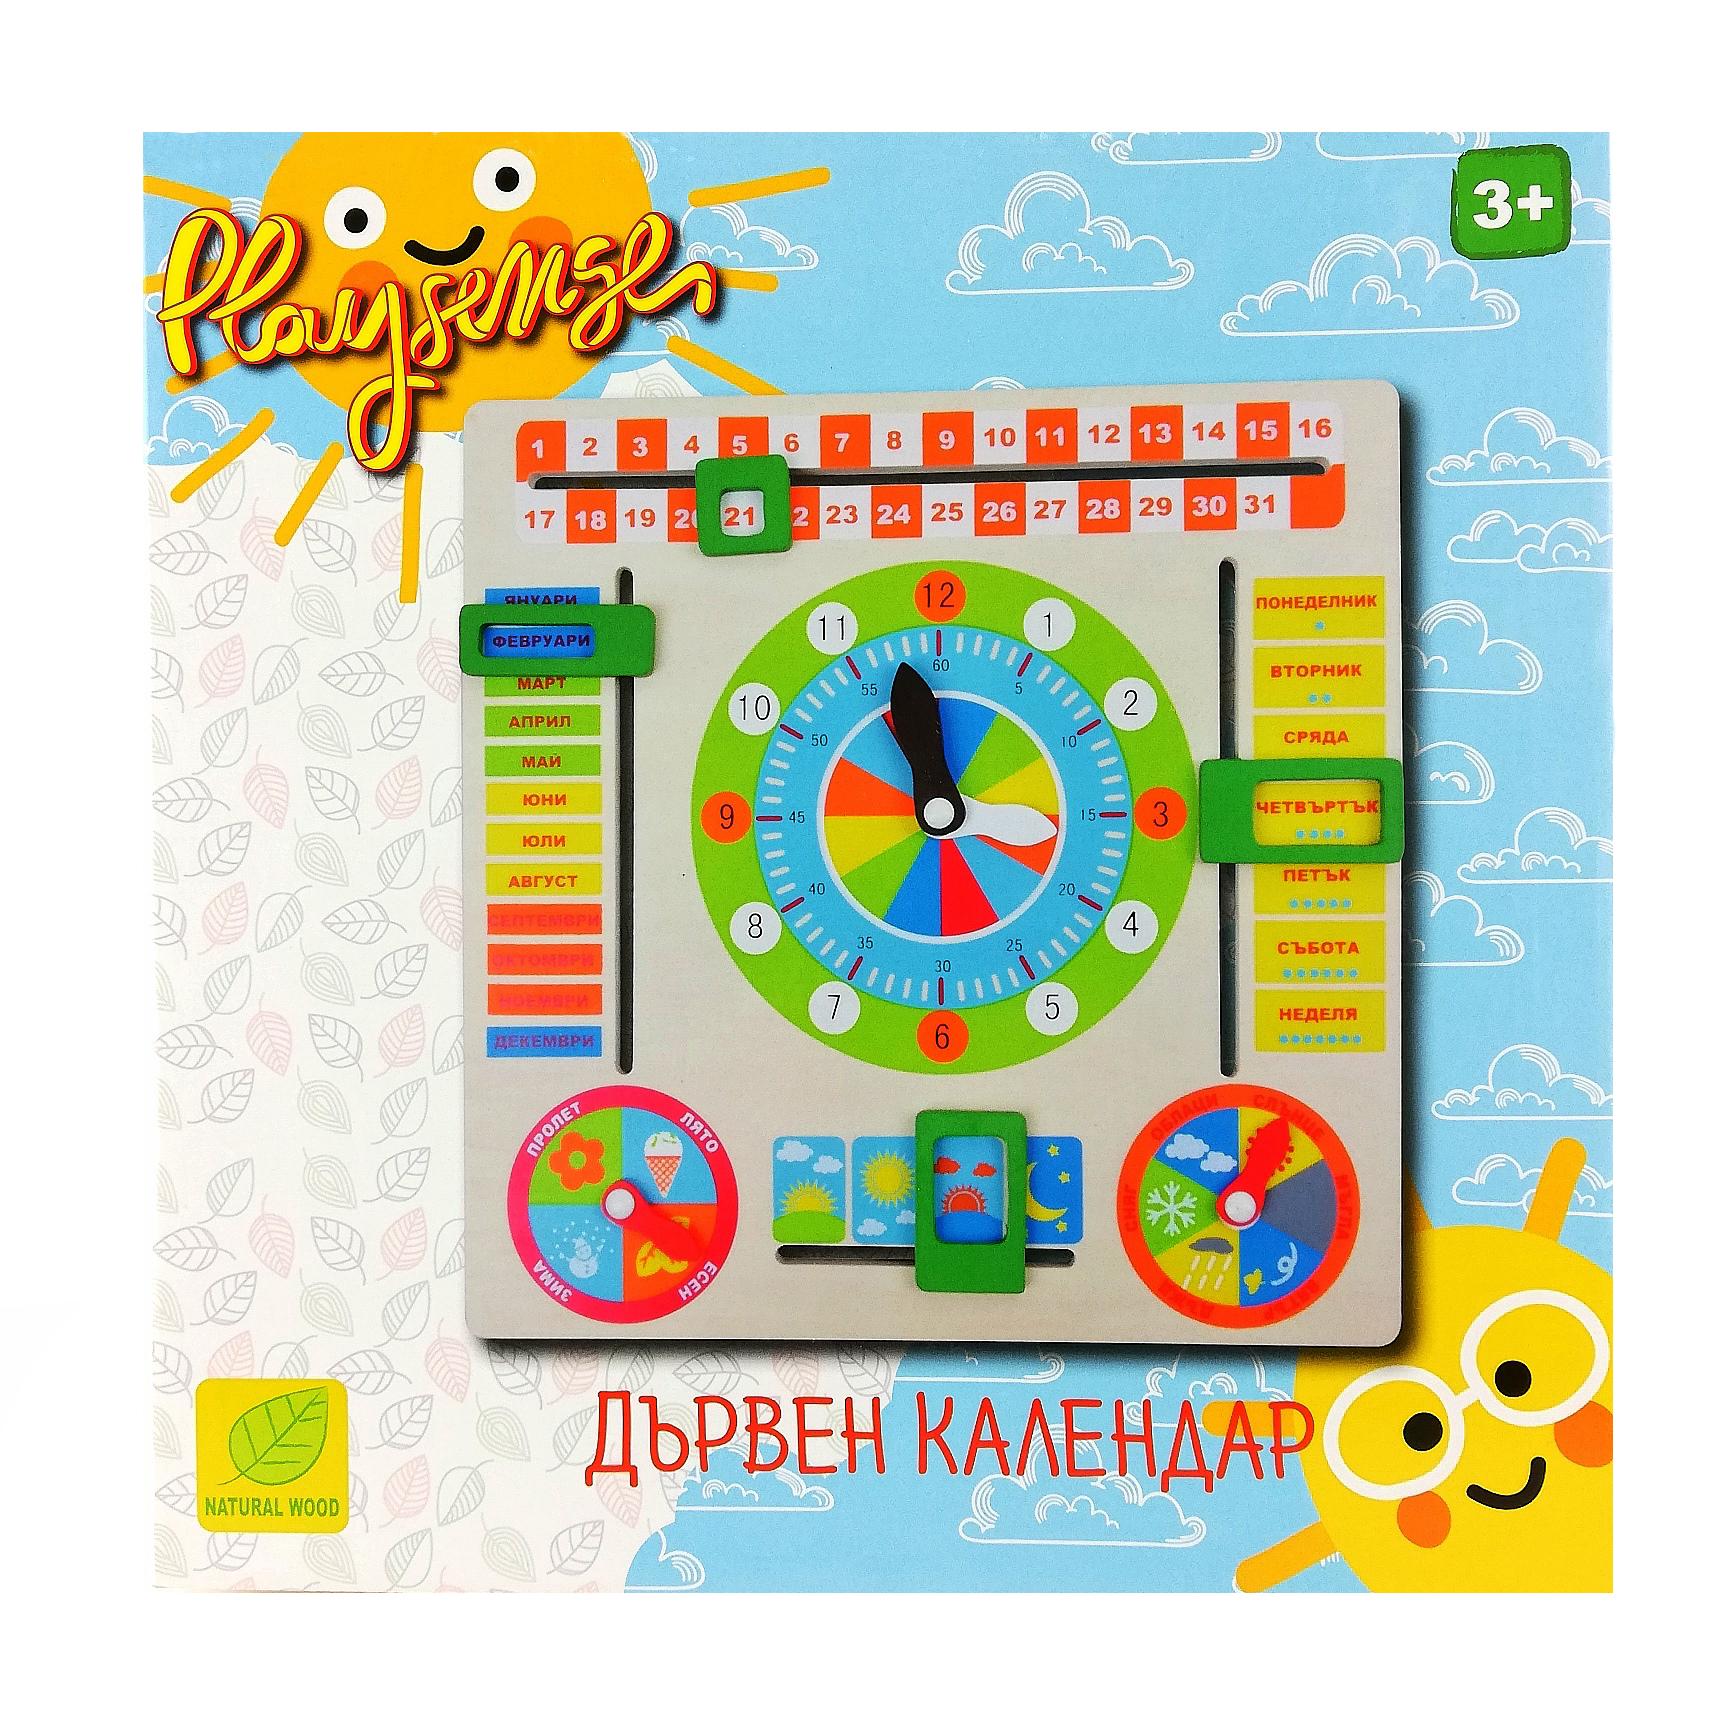 Образователна играчка календар на български език -bellamiestore